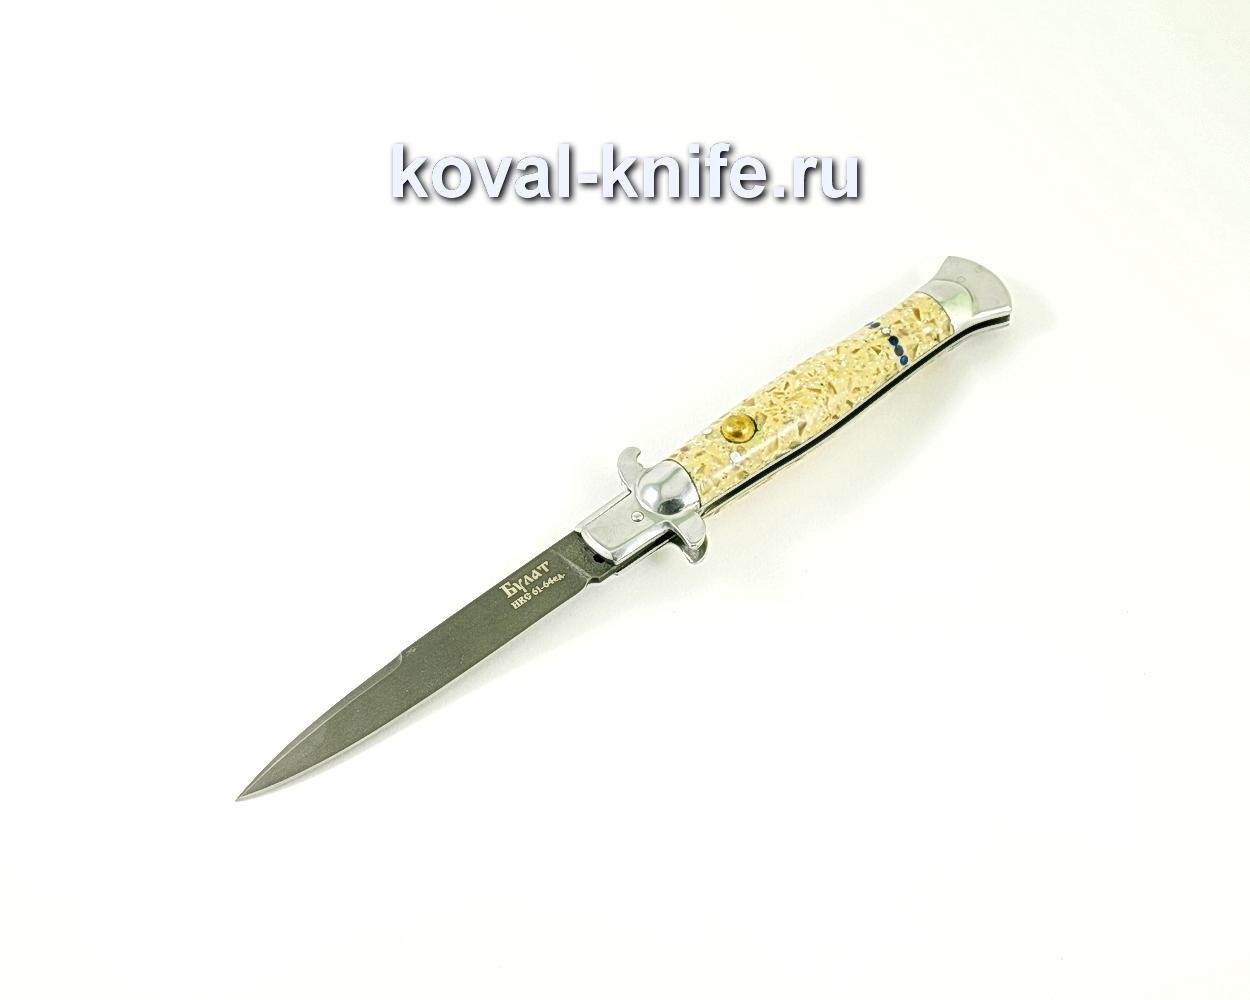 Нож Флинт (сталь Булат), рукоять текстолит с камнями A330